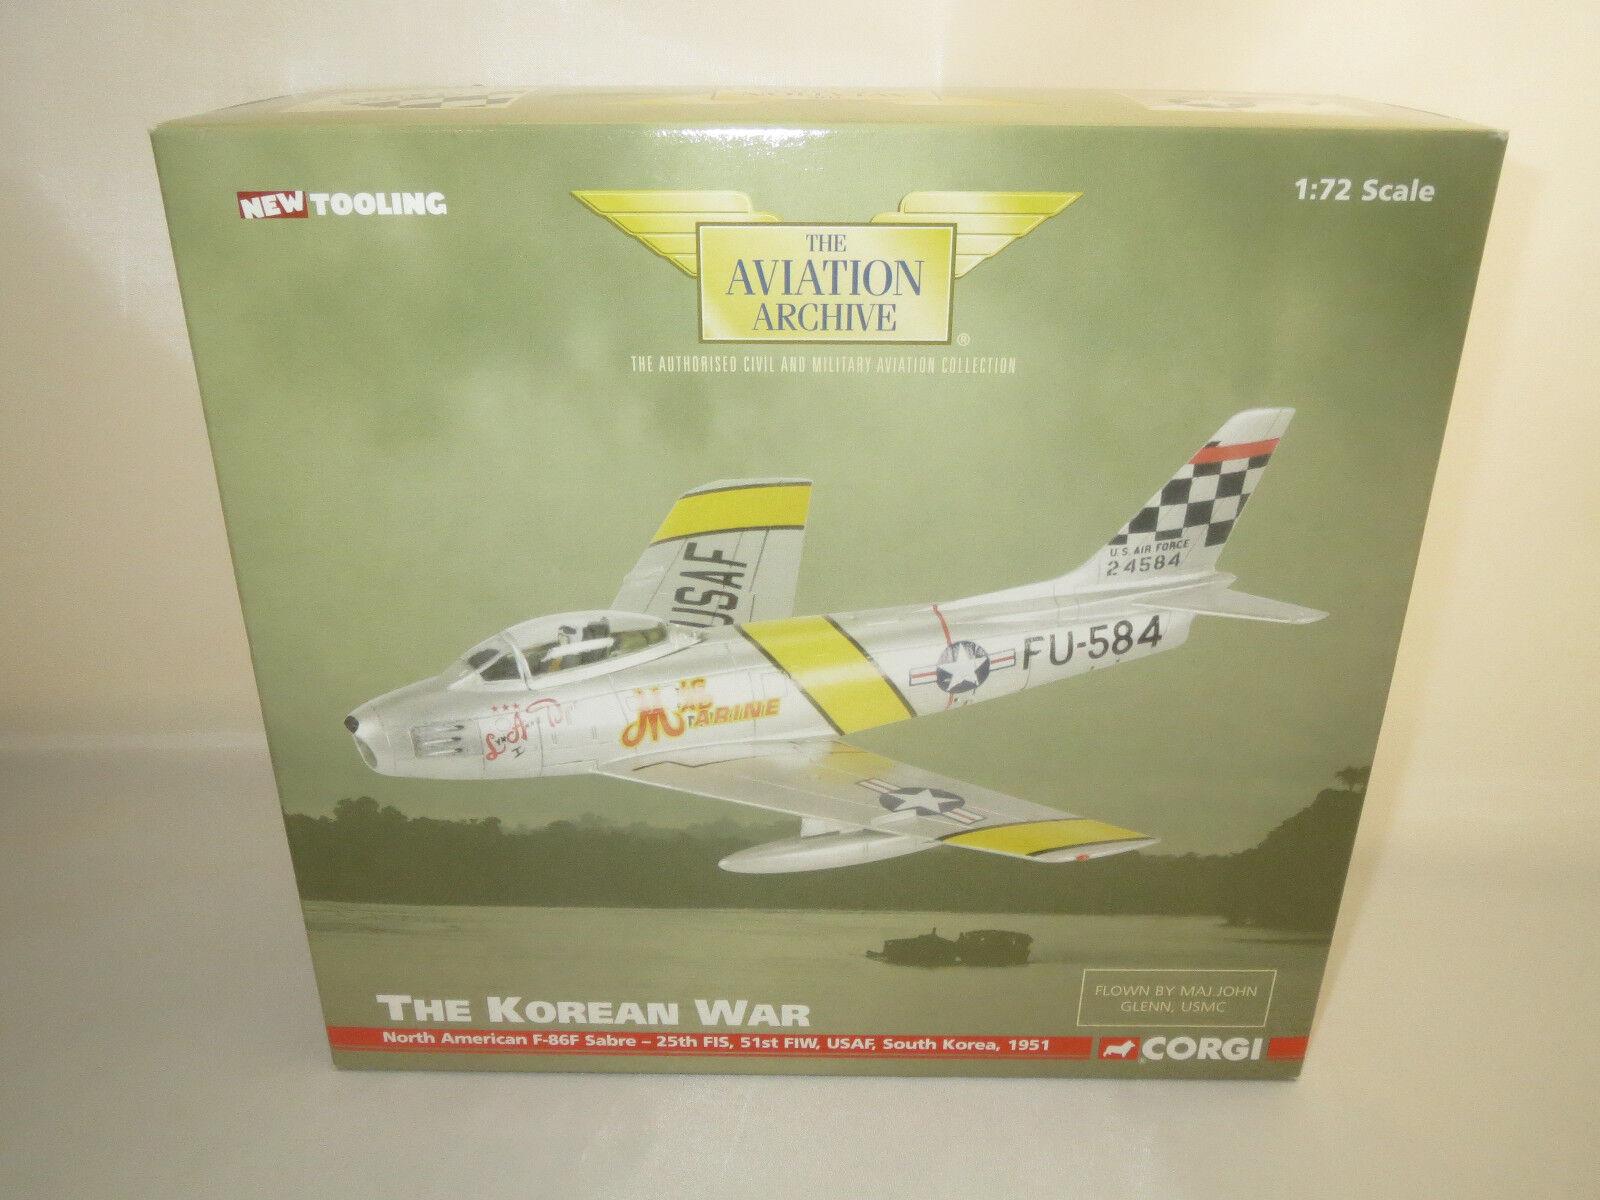 ordinare on-line CORGI  North American f-86f Sabre - - - 25th FIS, 51st FIW, USAF, 1951  1 72 OVP  100% nuovo di zecca con qualità originale